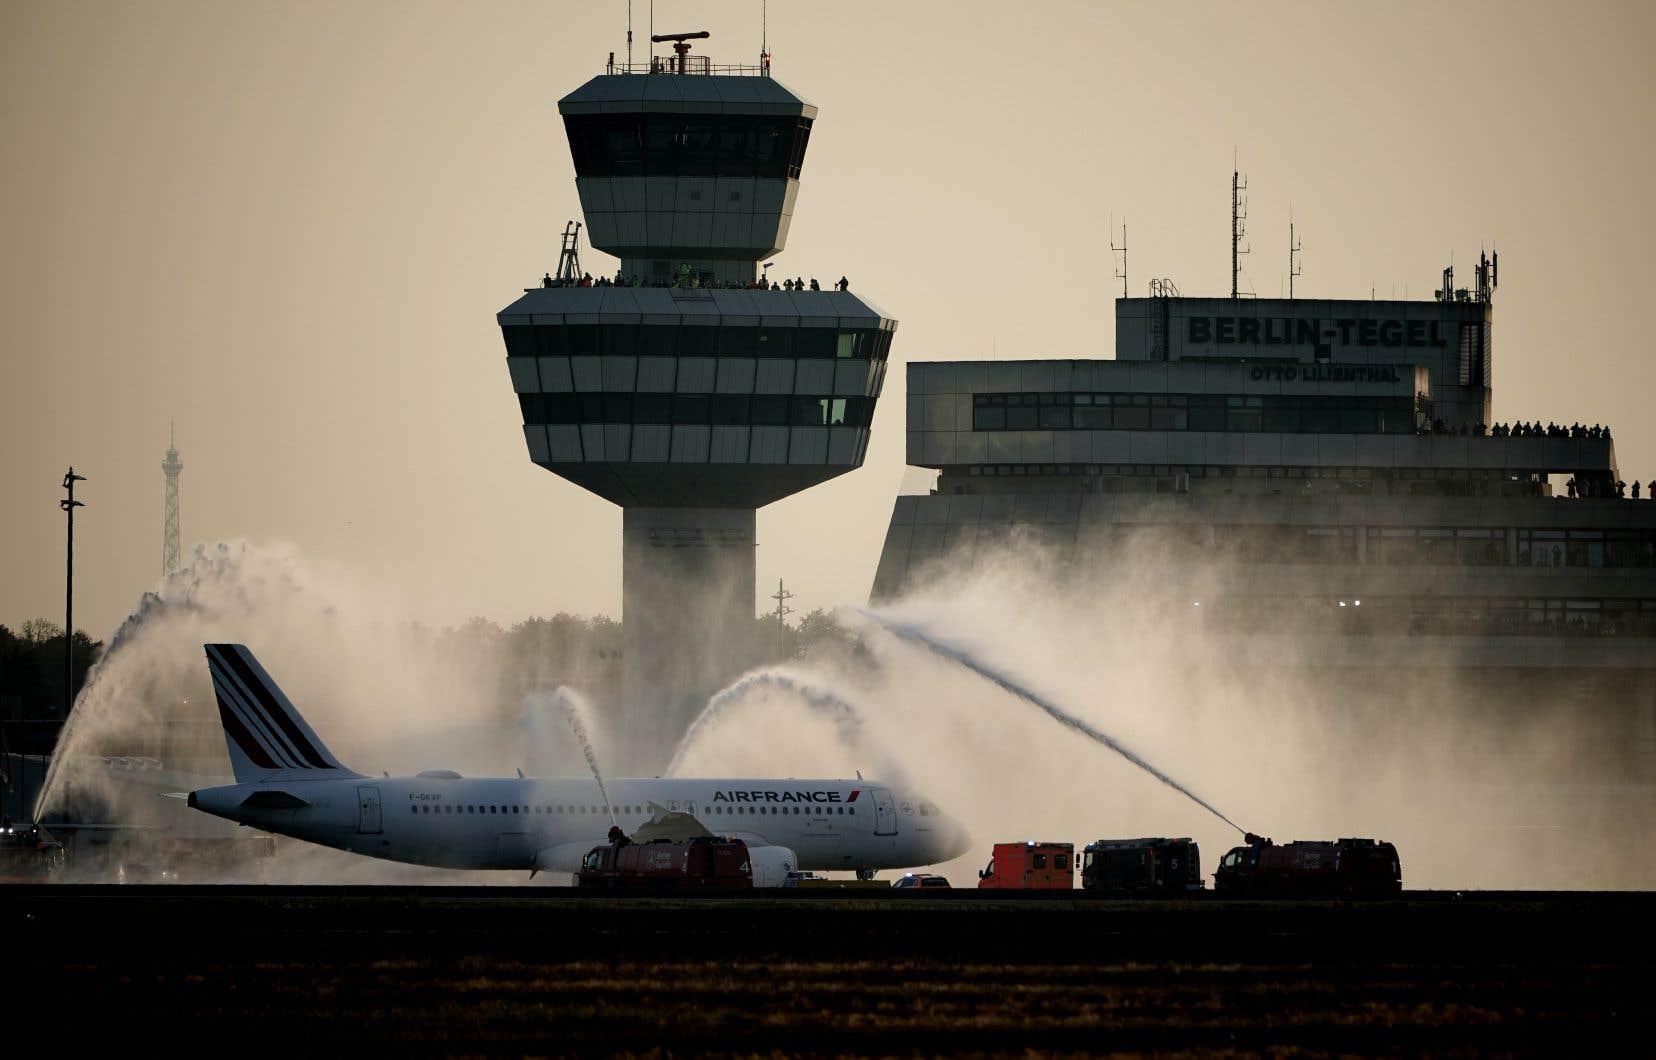 Une partie  de la flotte  d'Air France  sera renouvelée, les avions modernes  permettant  de réduire  les émissions polluantes de 20 à 25%.